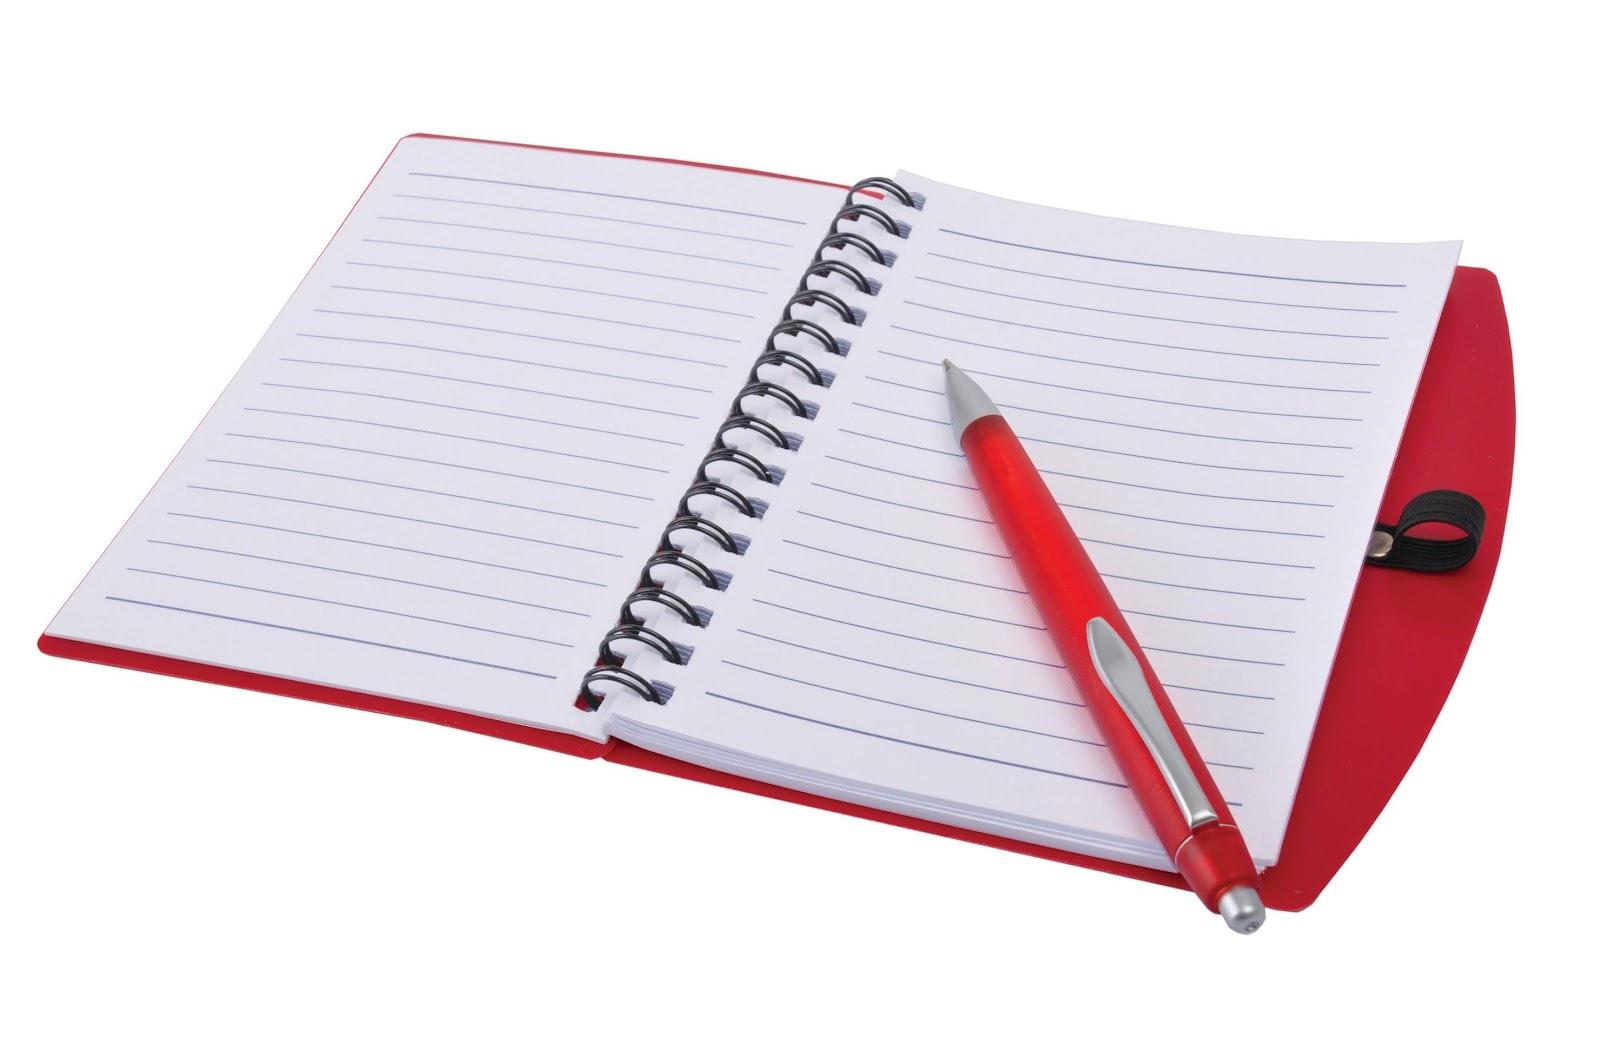 C:\Users\rwil313\Desktop\Notepad and pen.jpg